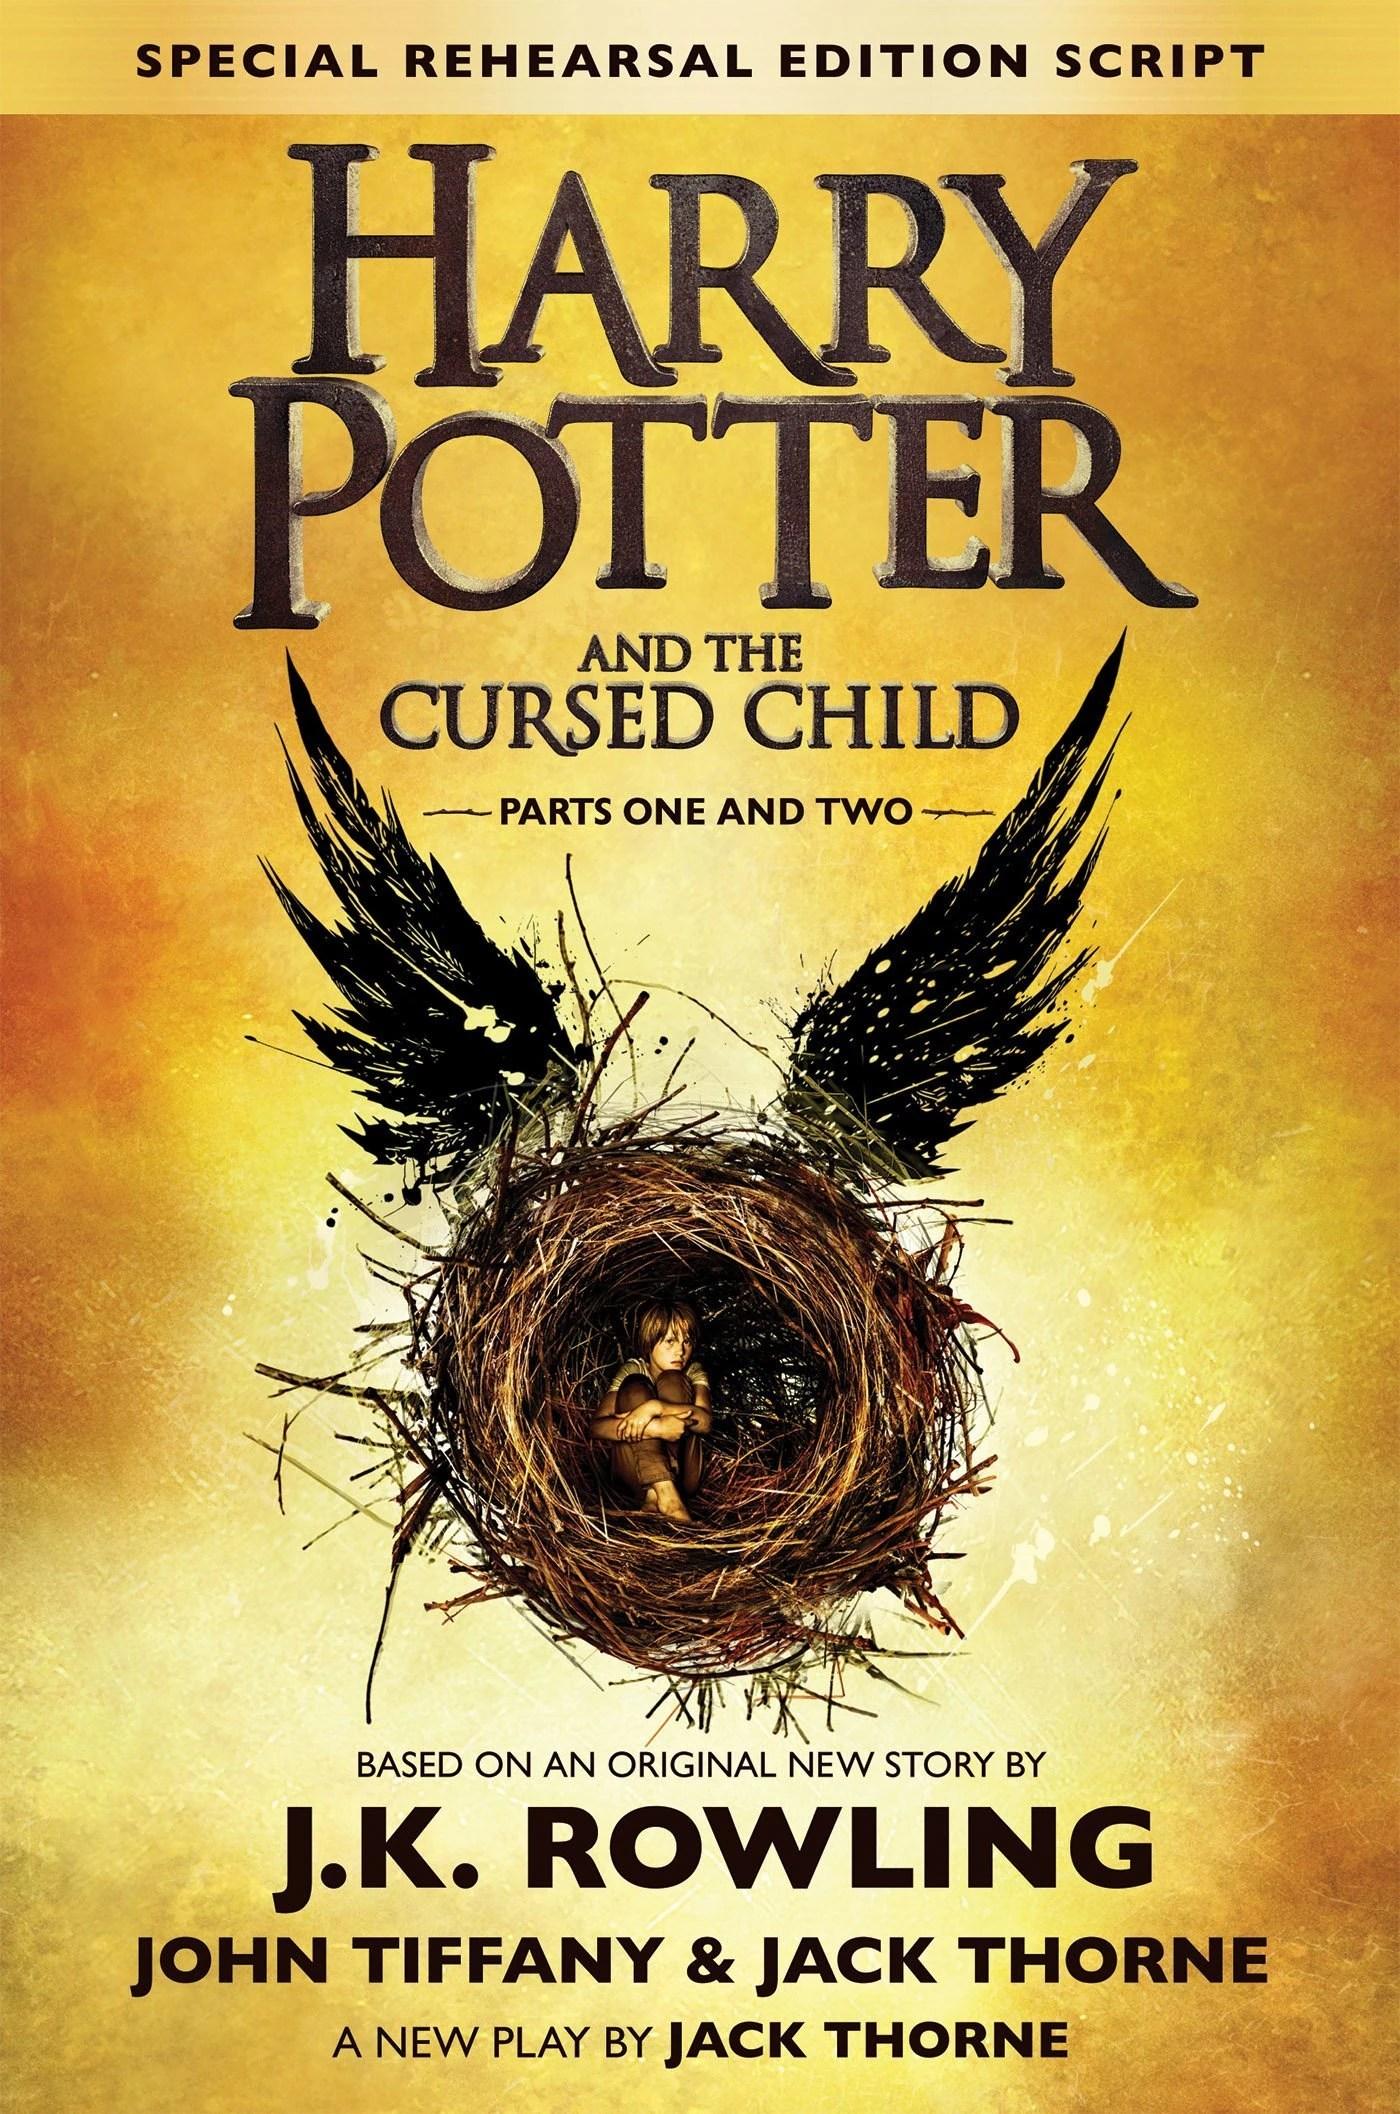 Гарри Поттер и проклятое дитя. Части 1 и 2 | Гарри Поттер ...